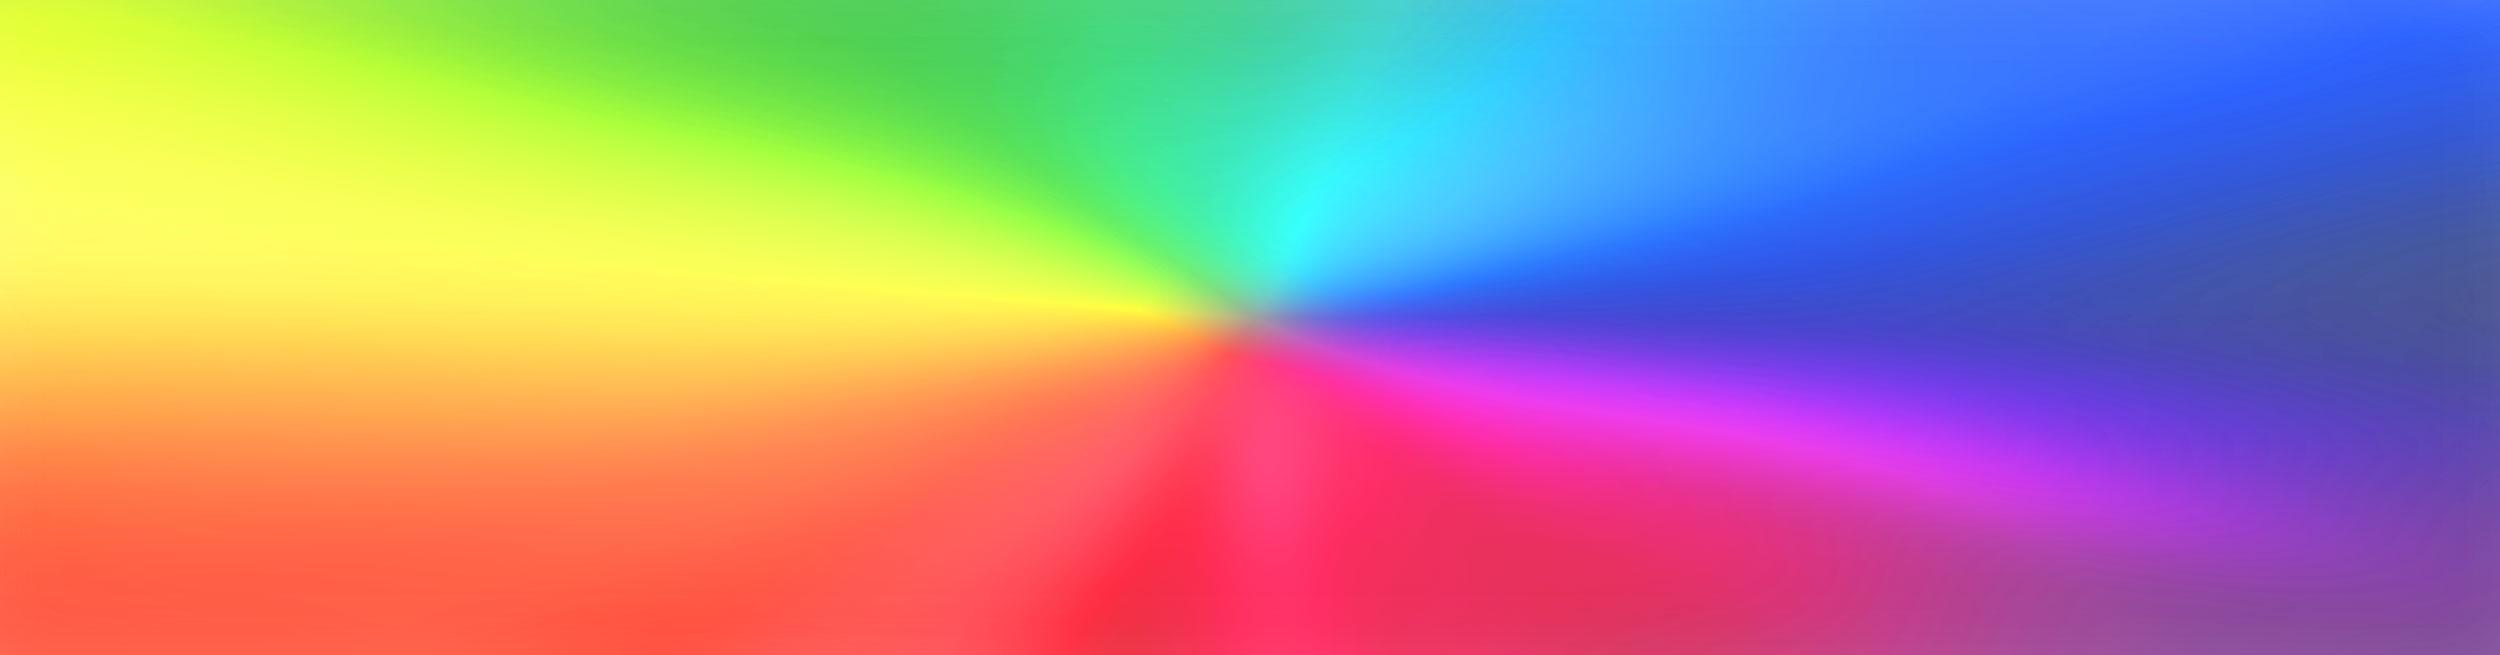 fondo multicolor